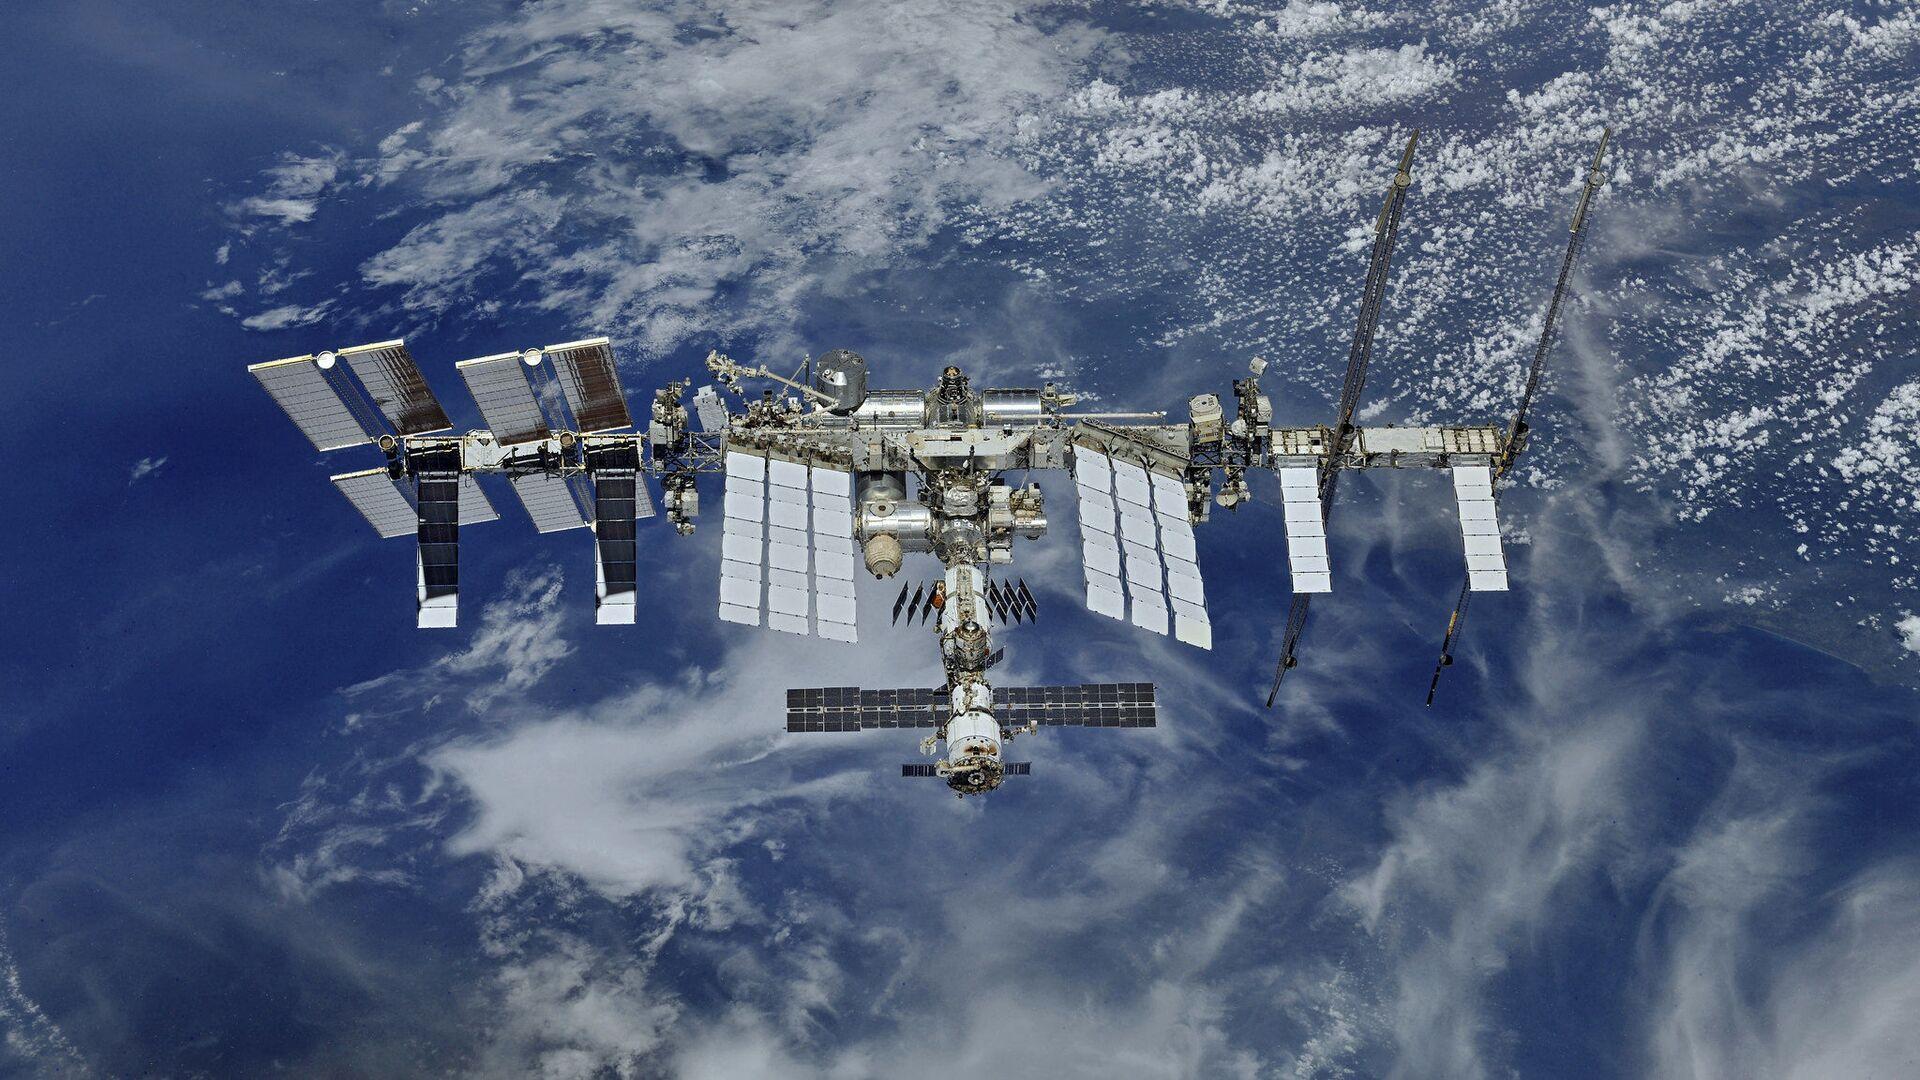 Pohled na ISS z vesmíru - Sputnik Česká republika, 1920, 30.08.2021